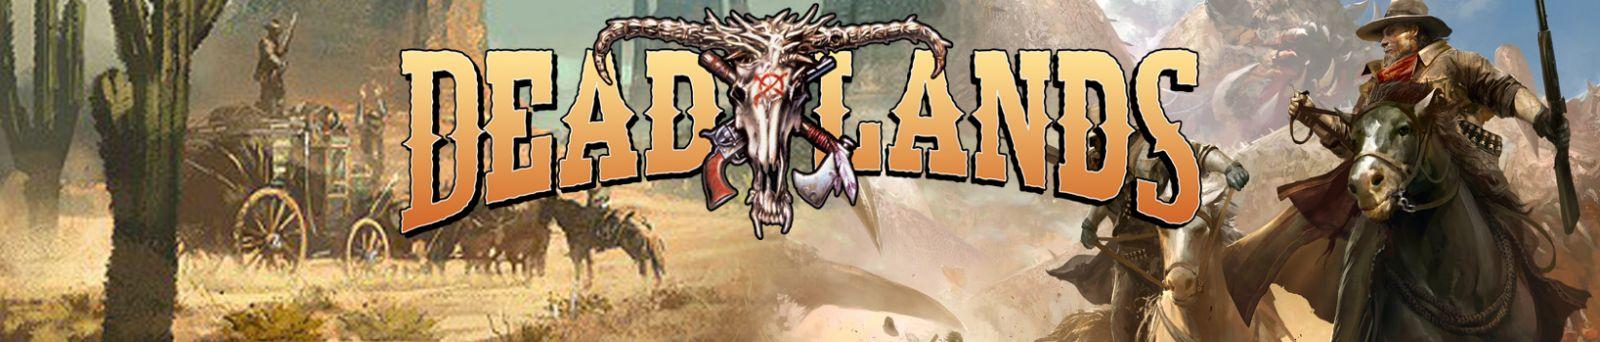 deadlands_banner.jpg